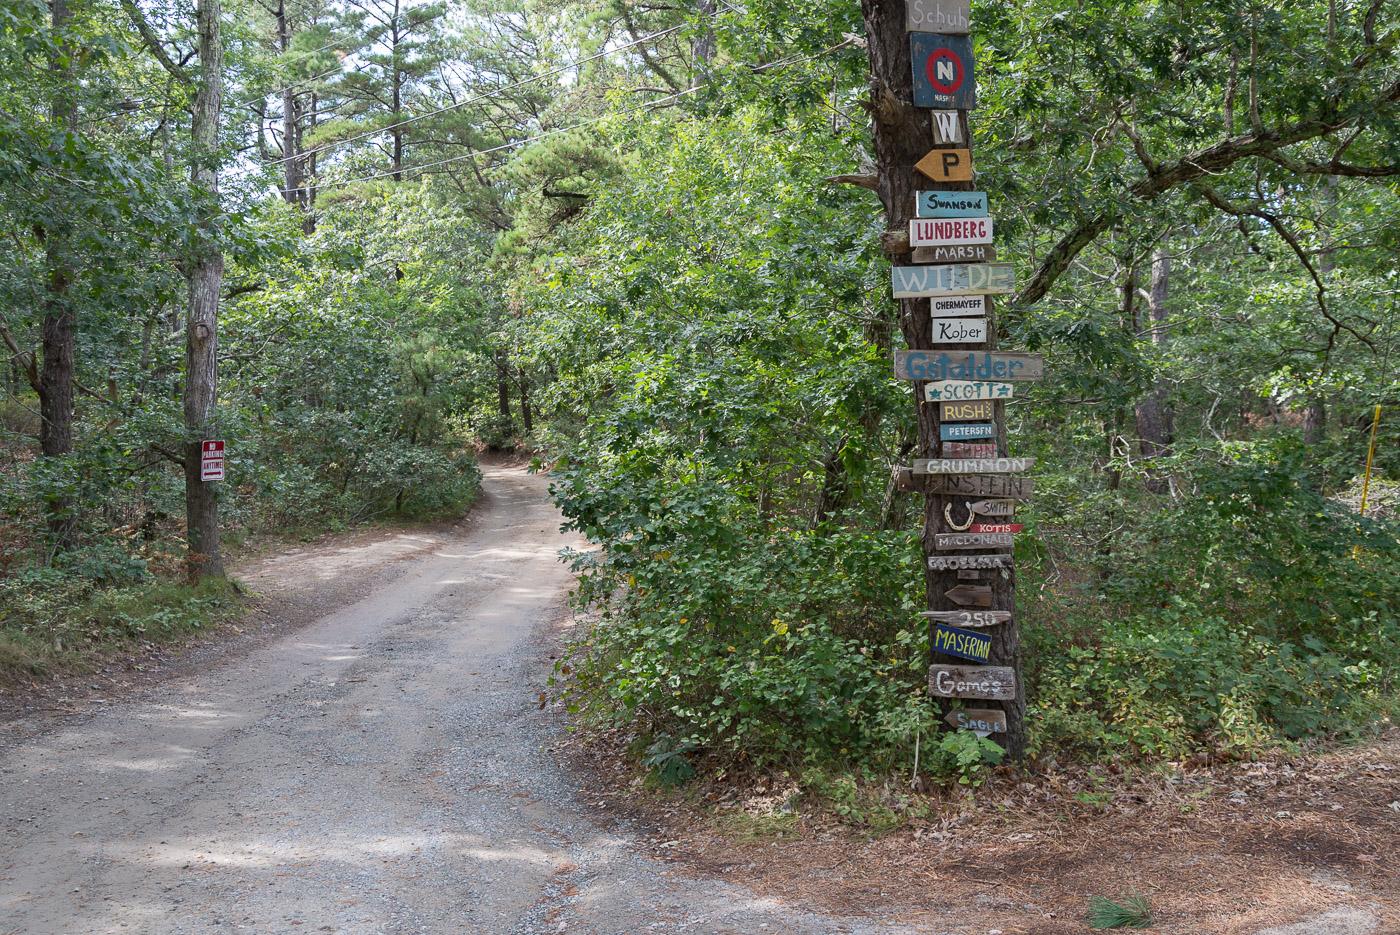 Thoreau Way